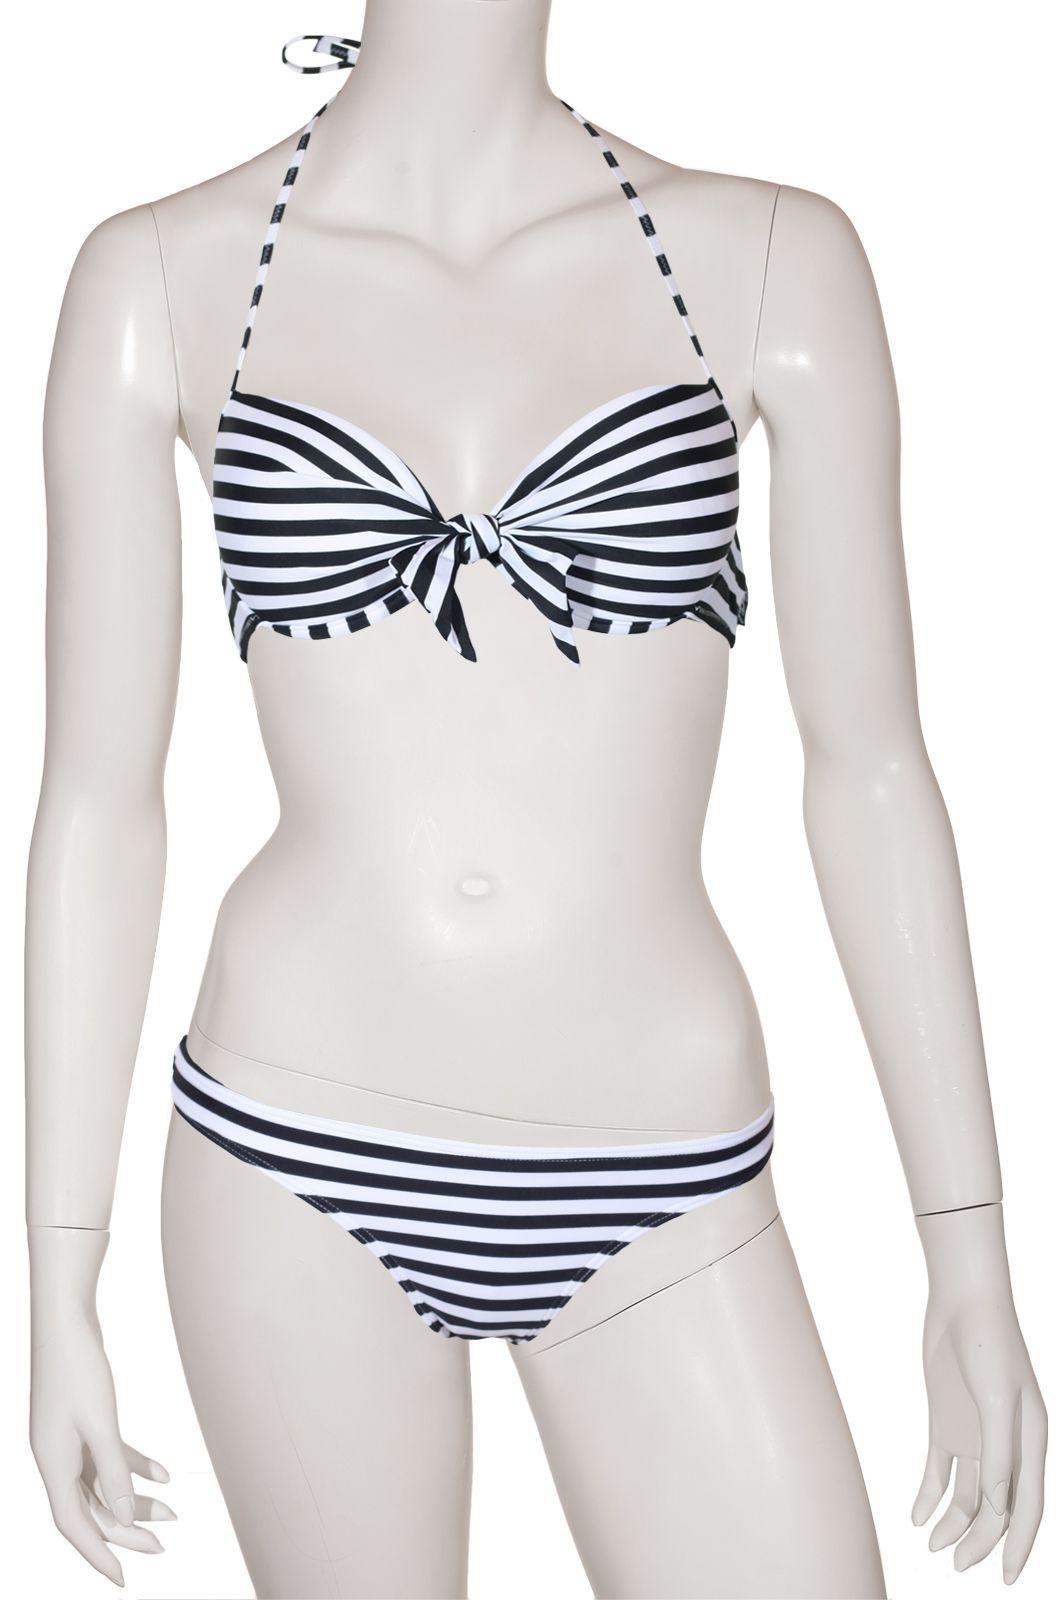 Трендовый купальник бикини Rip Curl (Австралия)